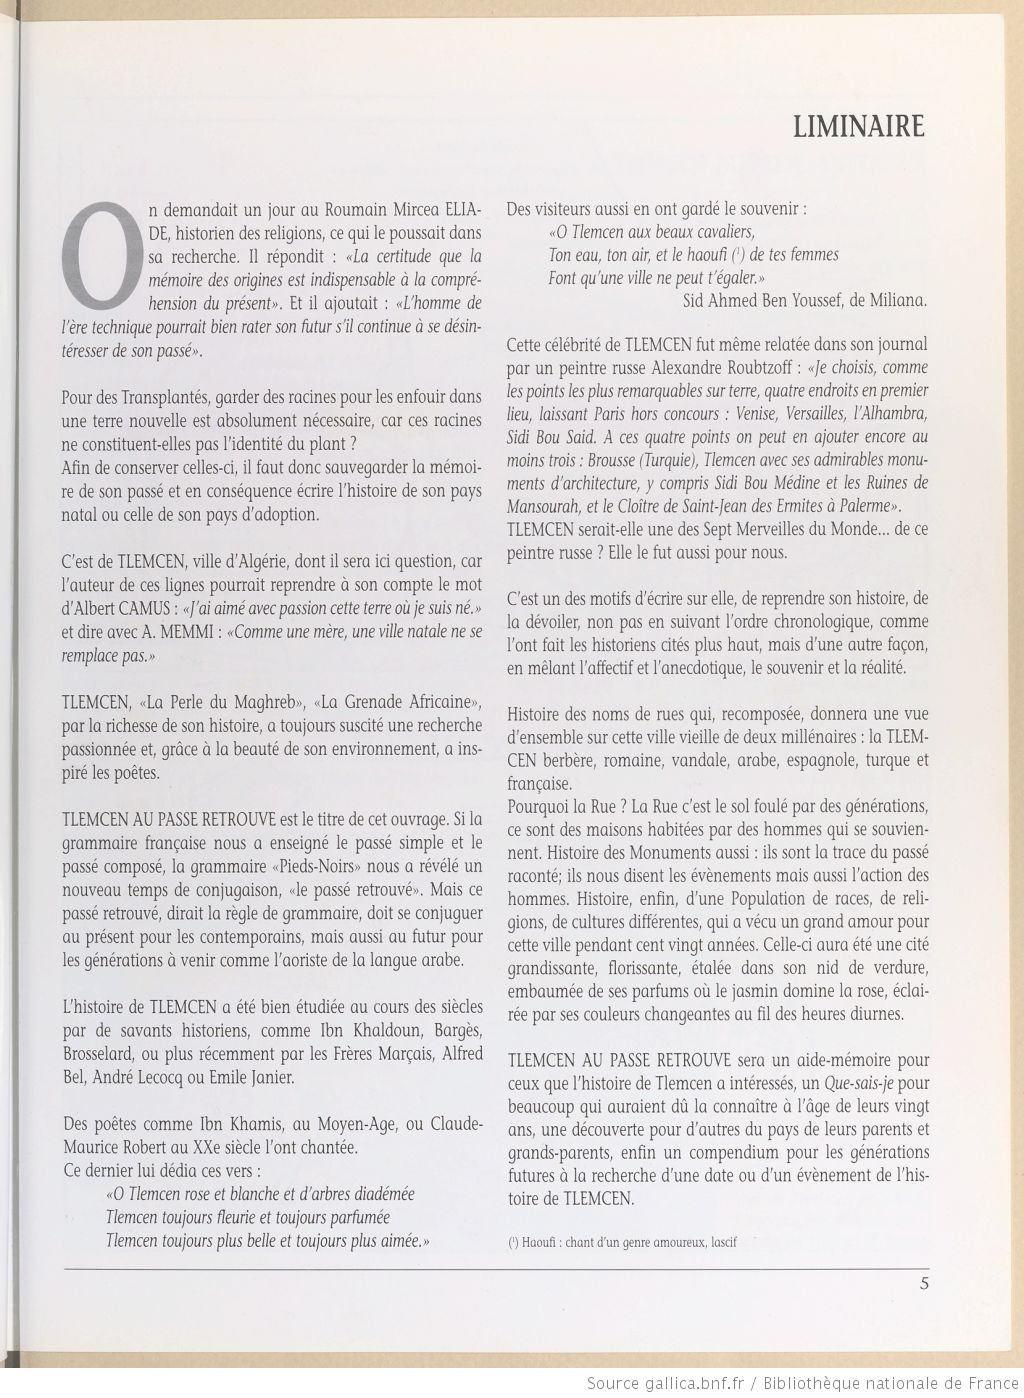 Tlemcen au passe retrouve abadie louis bpt6k3331213r 3